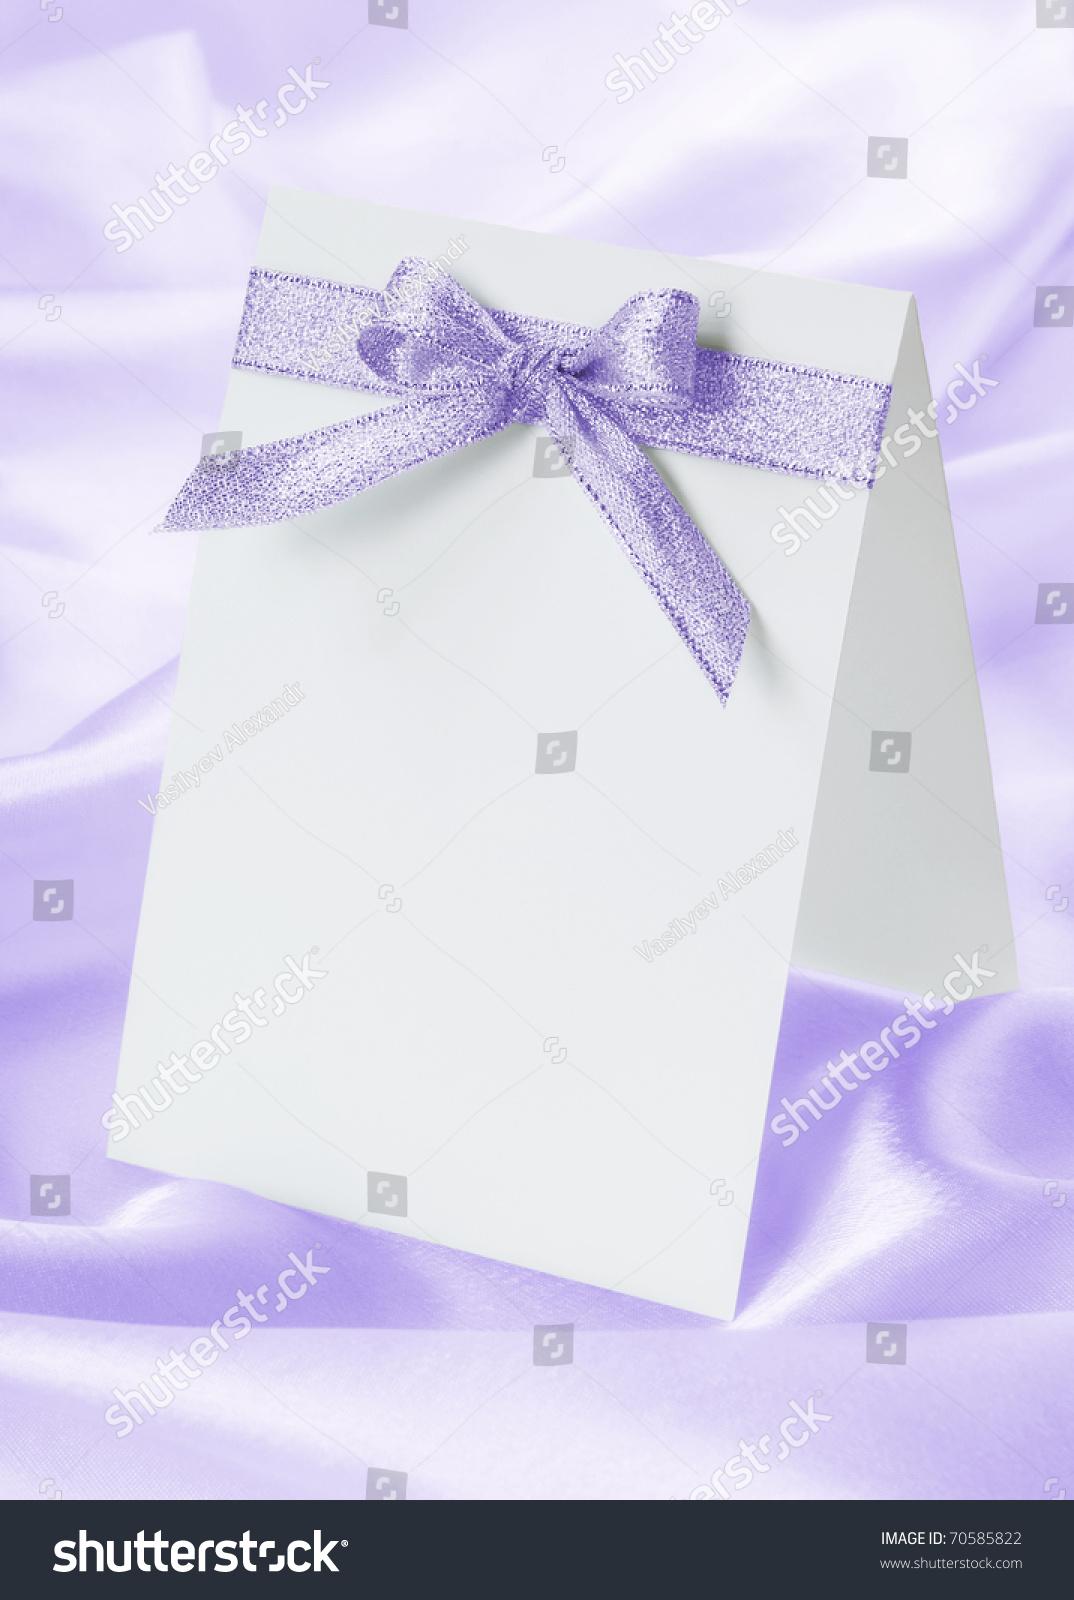 婚礼邀请蝴蝶结紫色背景-假期,背景/素材-海洛创意()